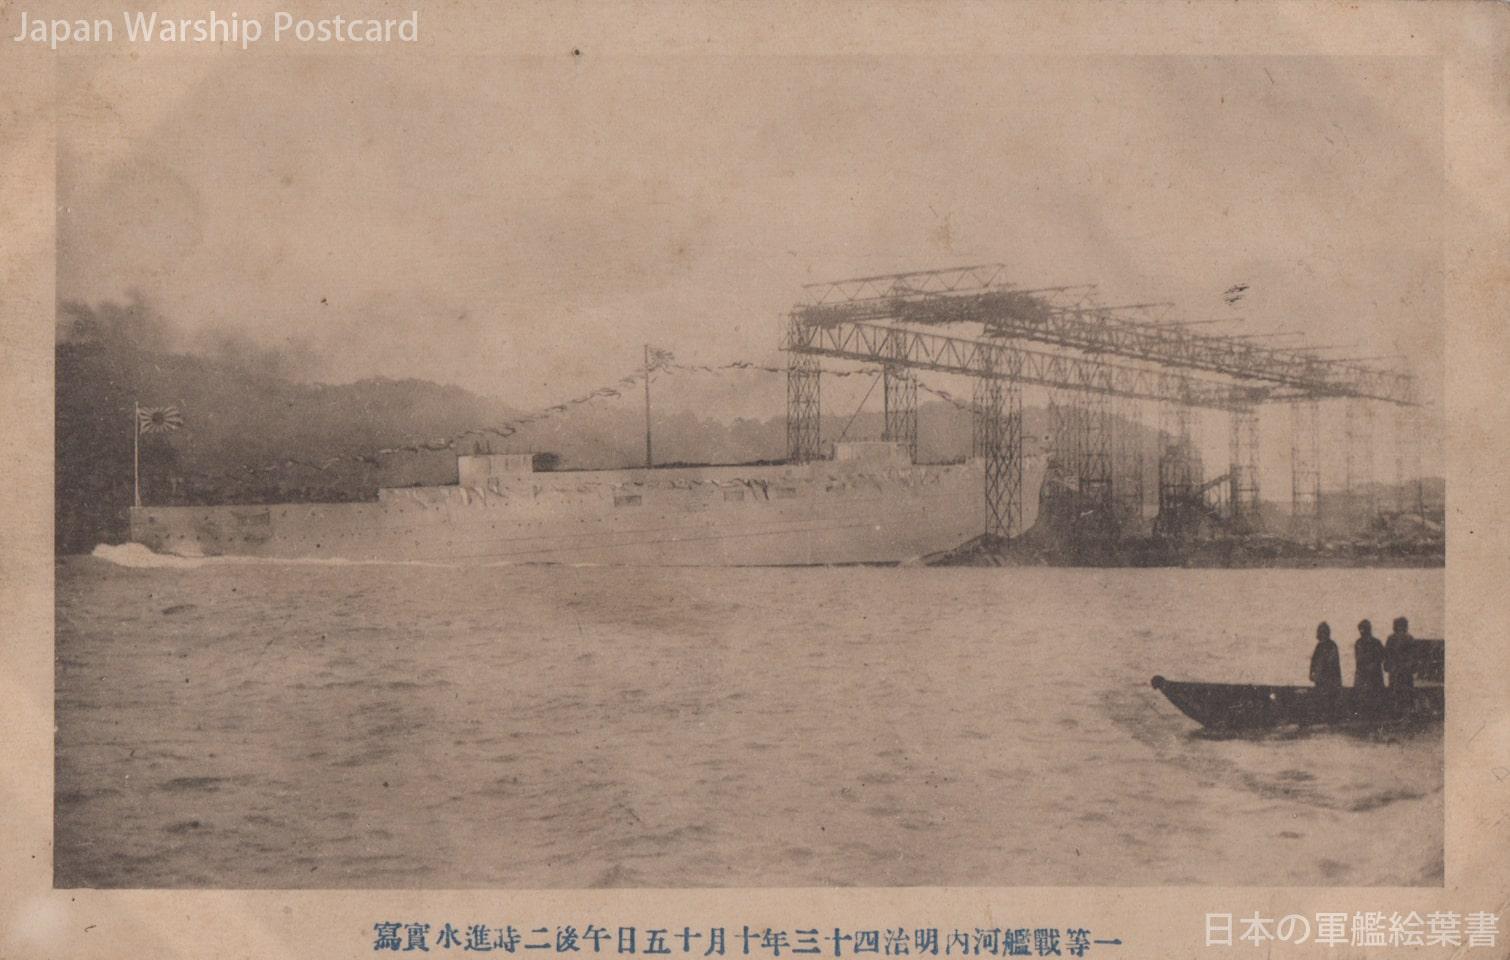 一等戦艦河内明治四十三年十月十五日午後二時進水実写